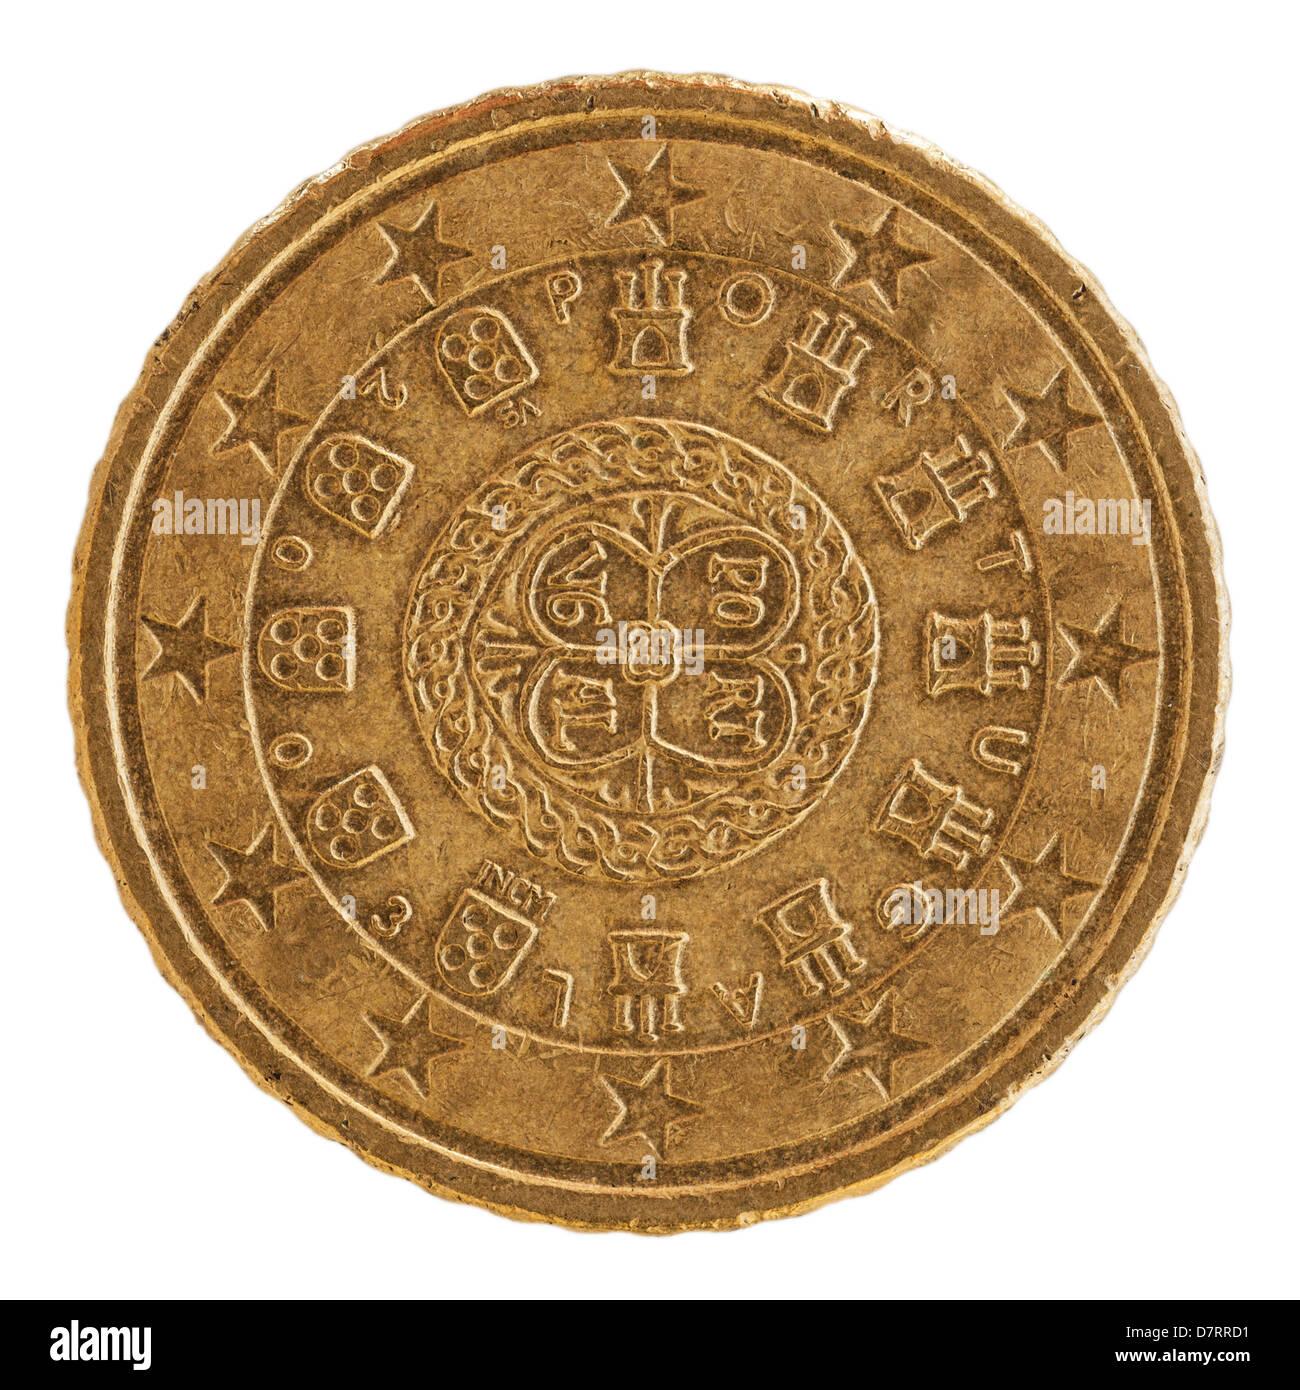 Eine Spanische Euro 50 Cent Münze Auf Weißem Hintergrund Stockfoto